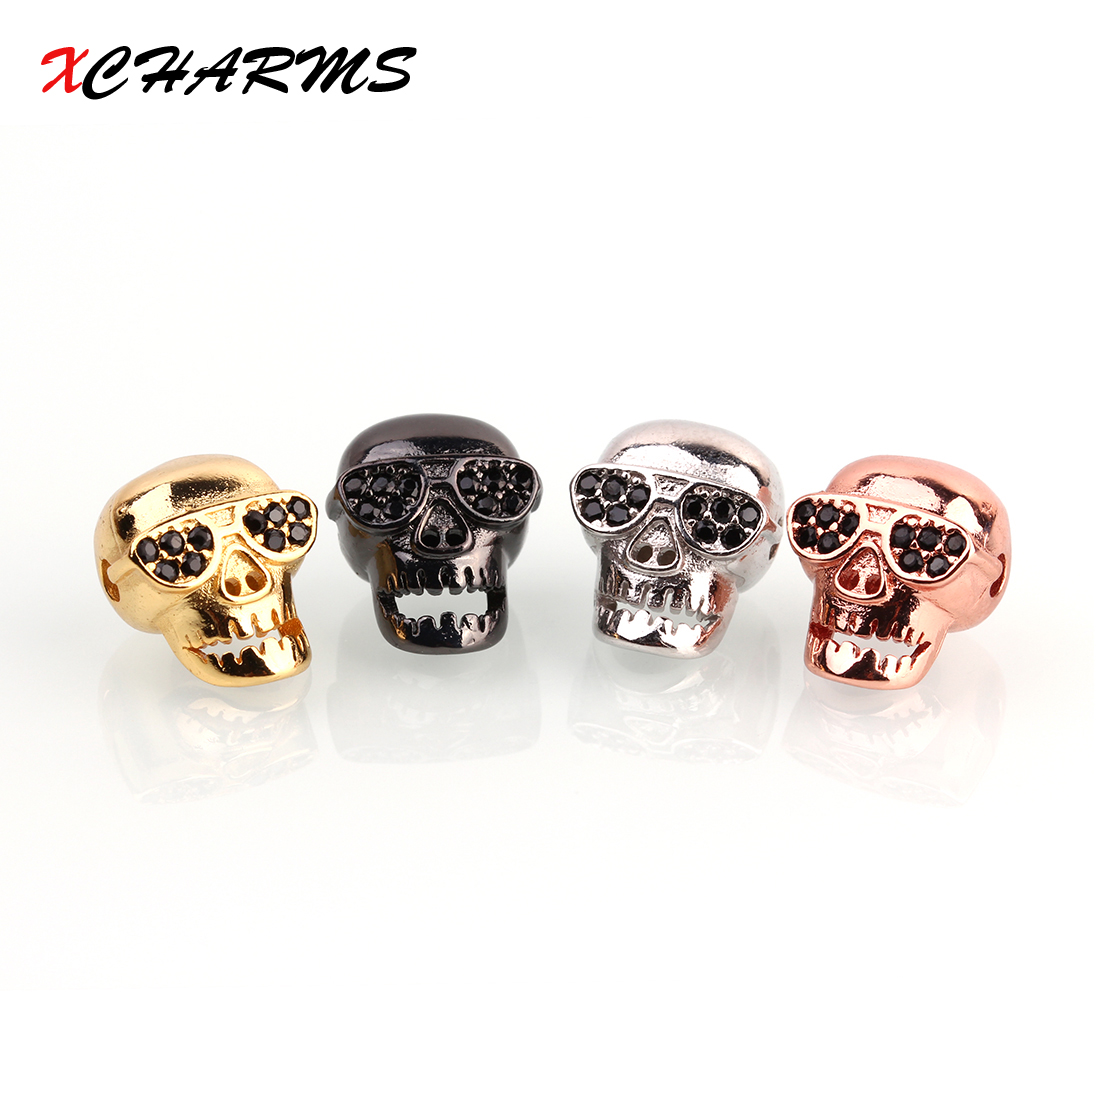 Xcharms 13*10 мм черный CZ череп головы Spacer Бусины DIY Медь Бусины для Браслеты Jewlery материалы для пошива изделий оптовая продажа